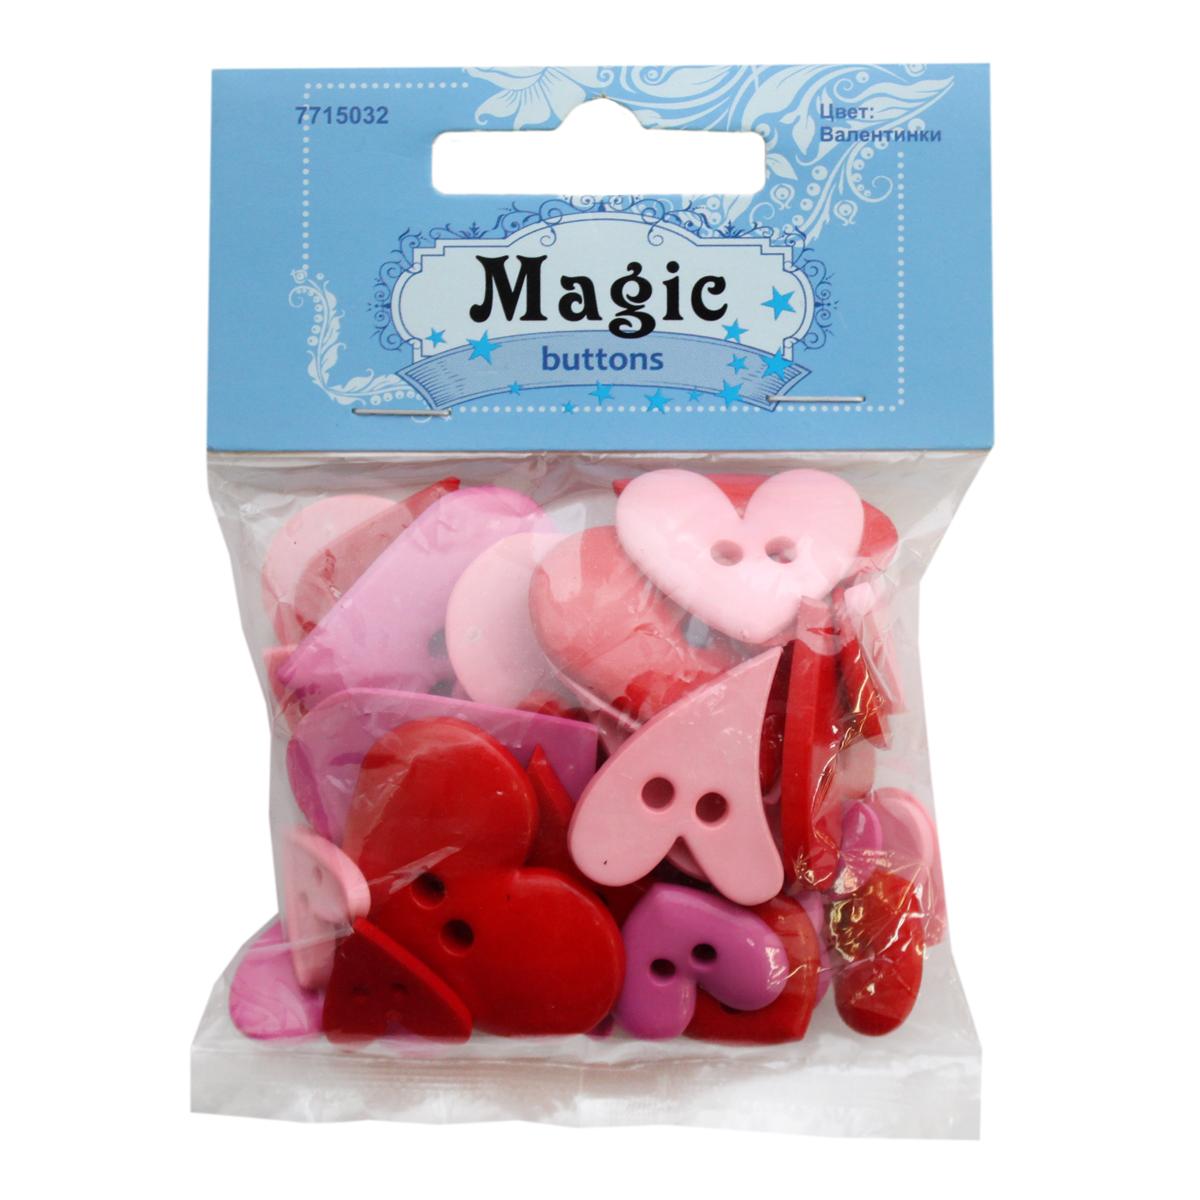 Пуговицы декоративные Magic Buttons Сердечки. Валентинки, 30 г7715032_ВалентинкиЯркие и красочные пуговицы Magic Buttons станут прекрасным дополнением к любому образу. Пуговицы выполнены в разных цветовых вариантах и формах.